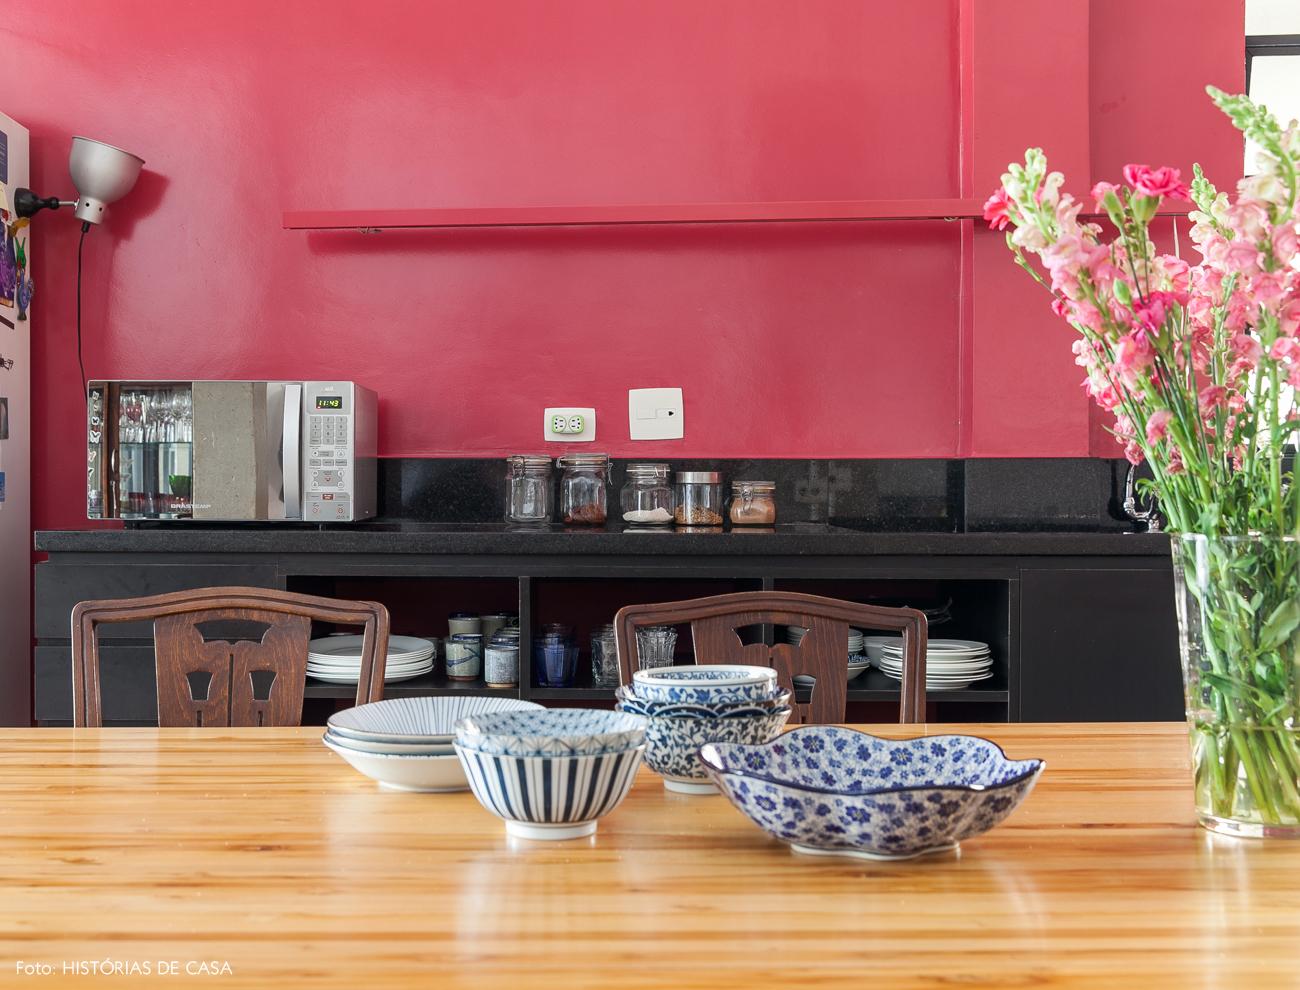 05-decoracao-cozinha-integrada-mesa-madeira-parede-rosa